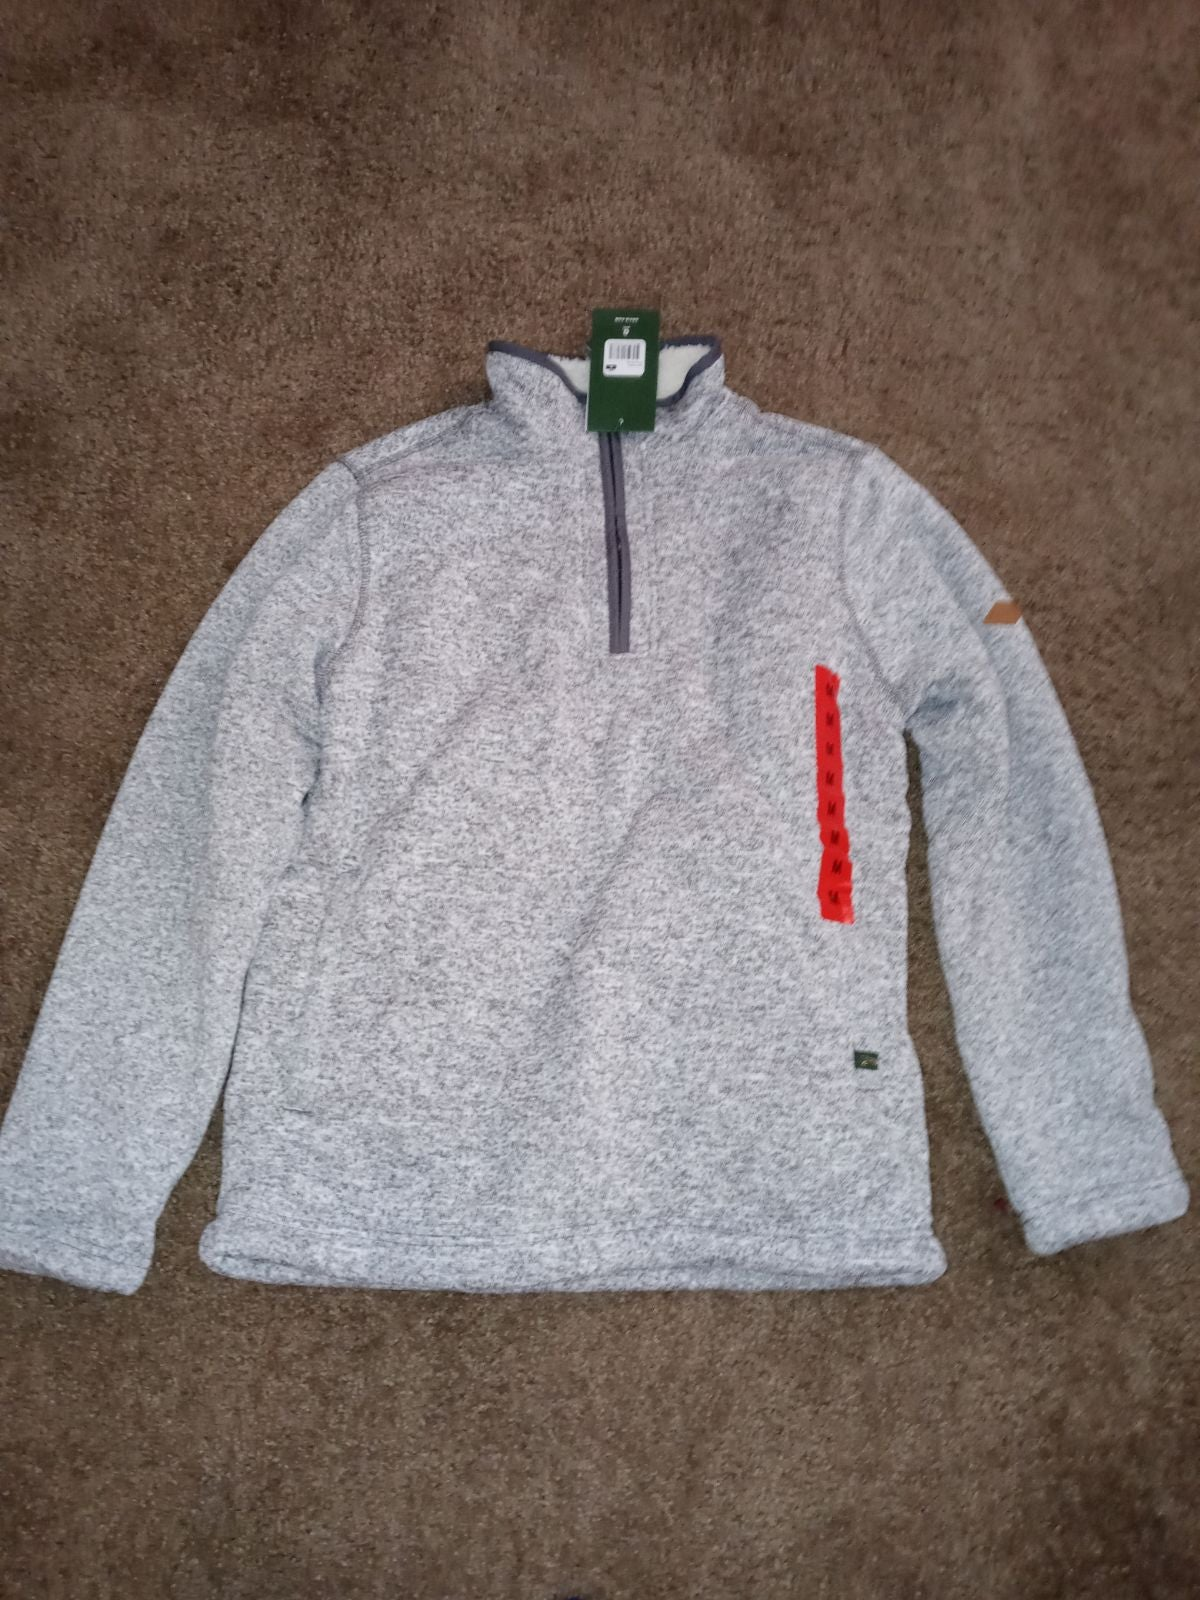 Orvis fleece jacket